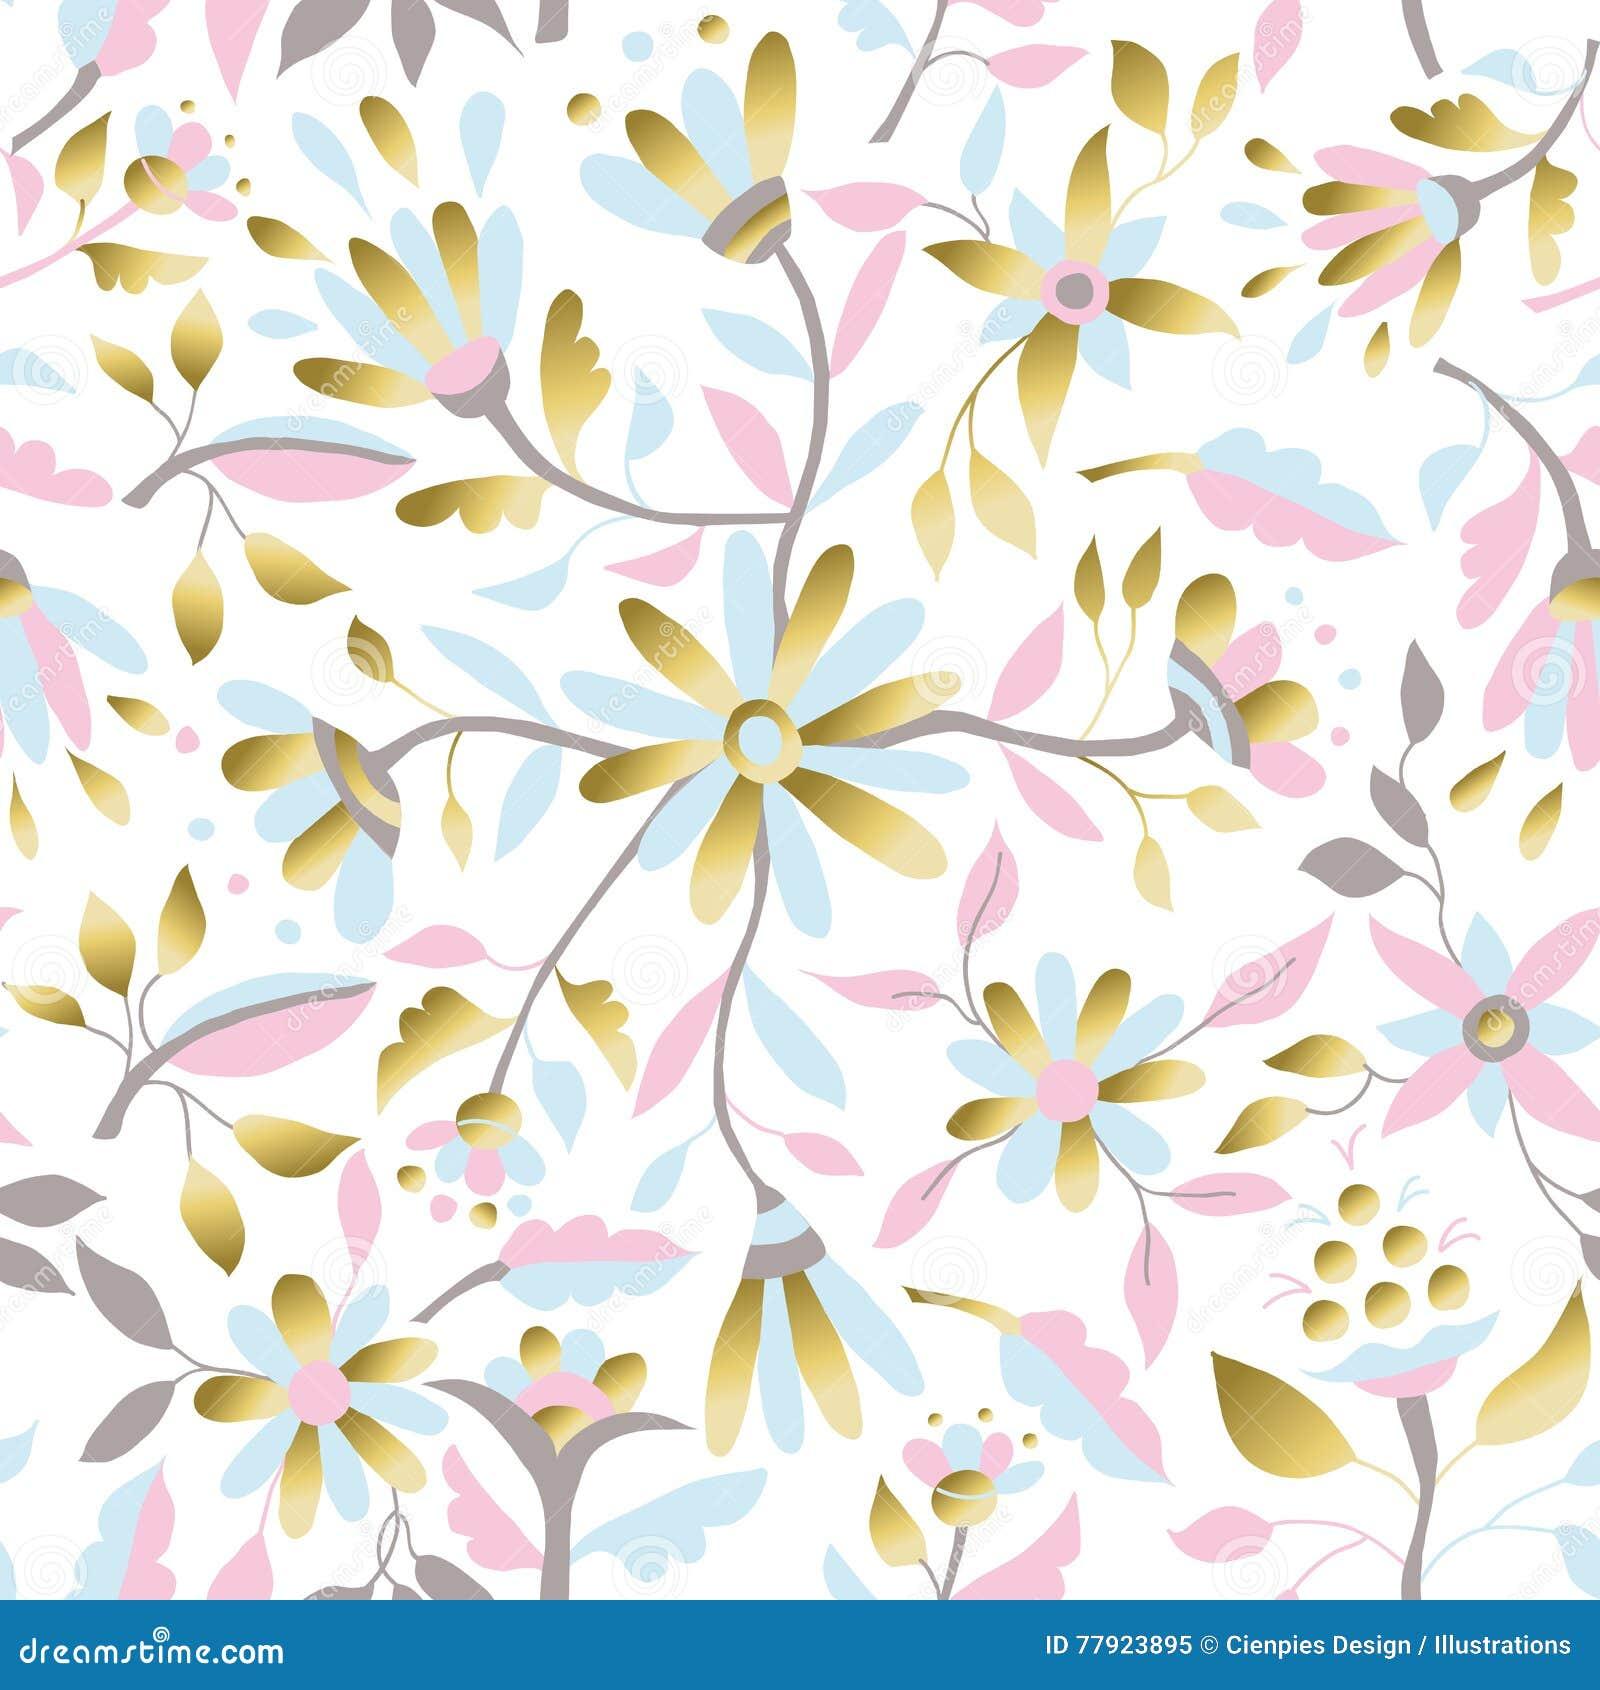 Gold flower decoration seamless pattern design stock vector gold flower decoration seamless pattern design izmirmasajfo